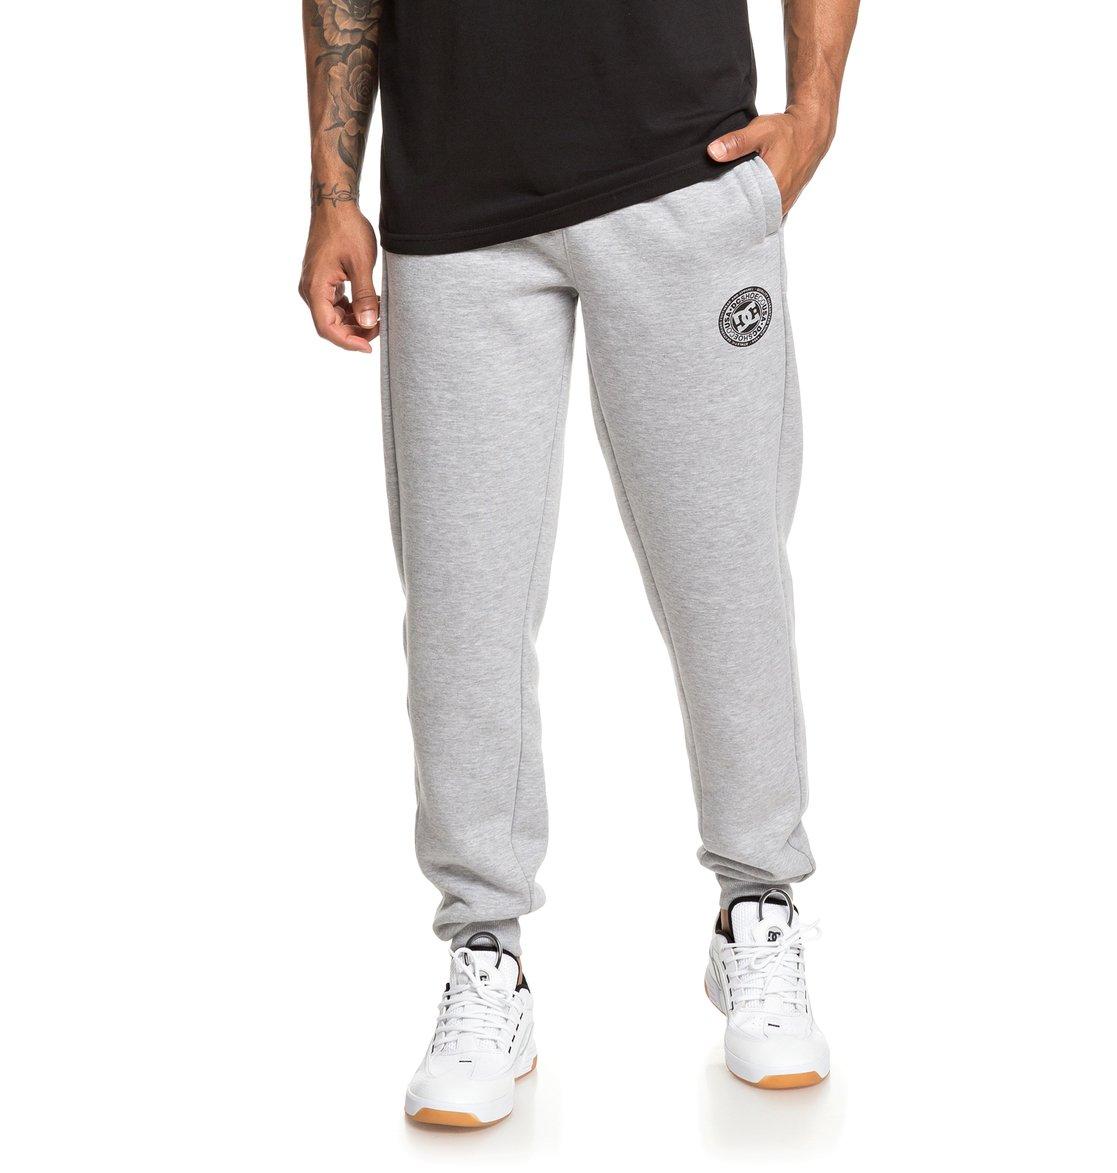 Edyfb03055Dc Shoes De Homme Pantalon Rebel Jogging Pour qA3L45Rj